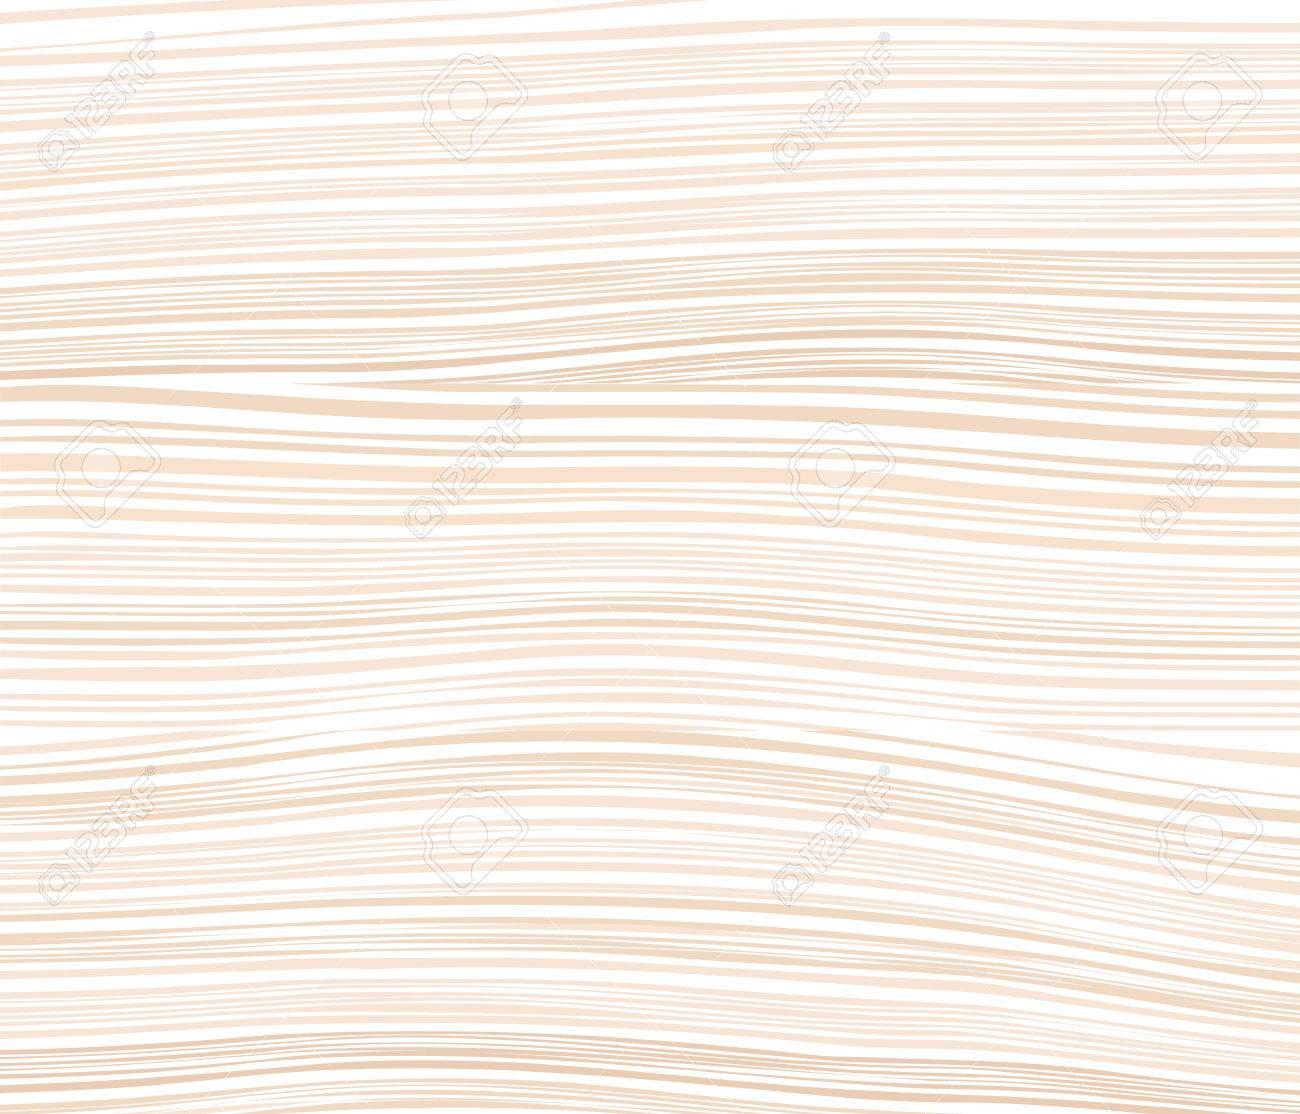 Helles Holz Textur Tisch Wandfläche Streifen Lizenzfrei Nutzbare